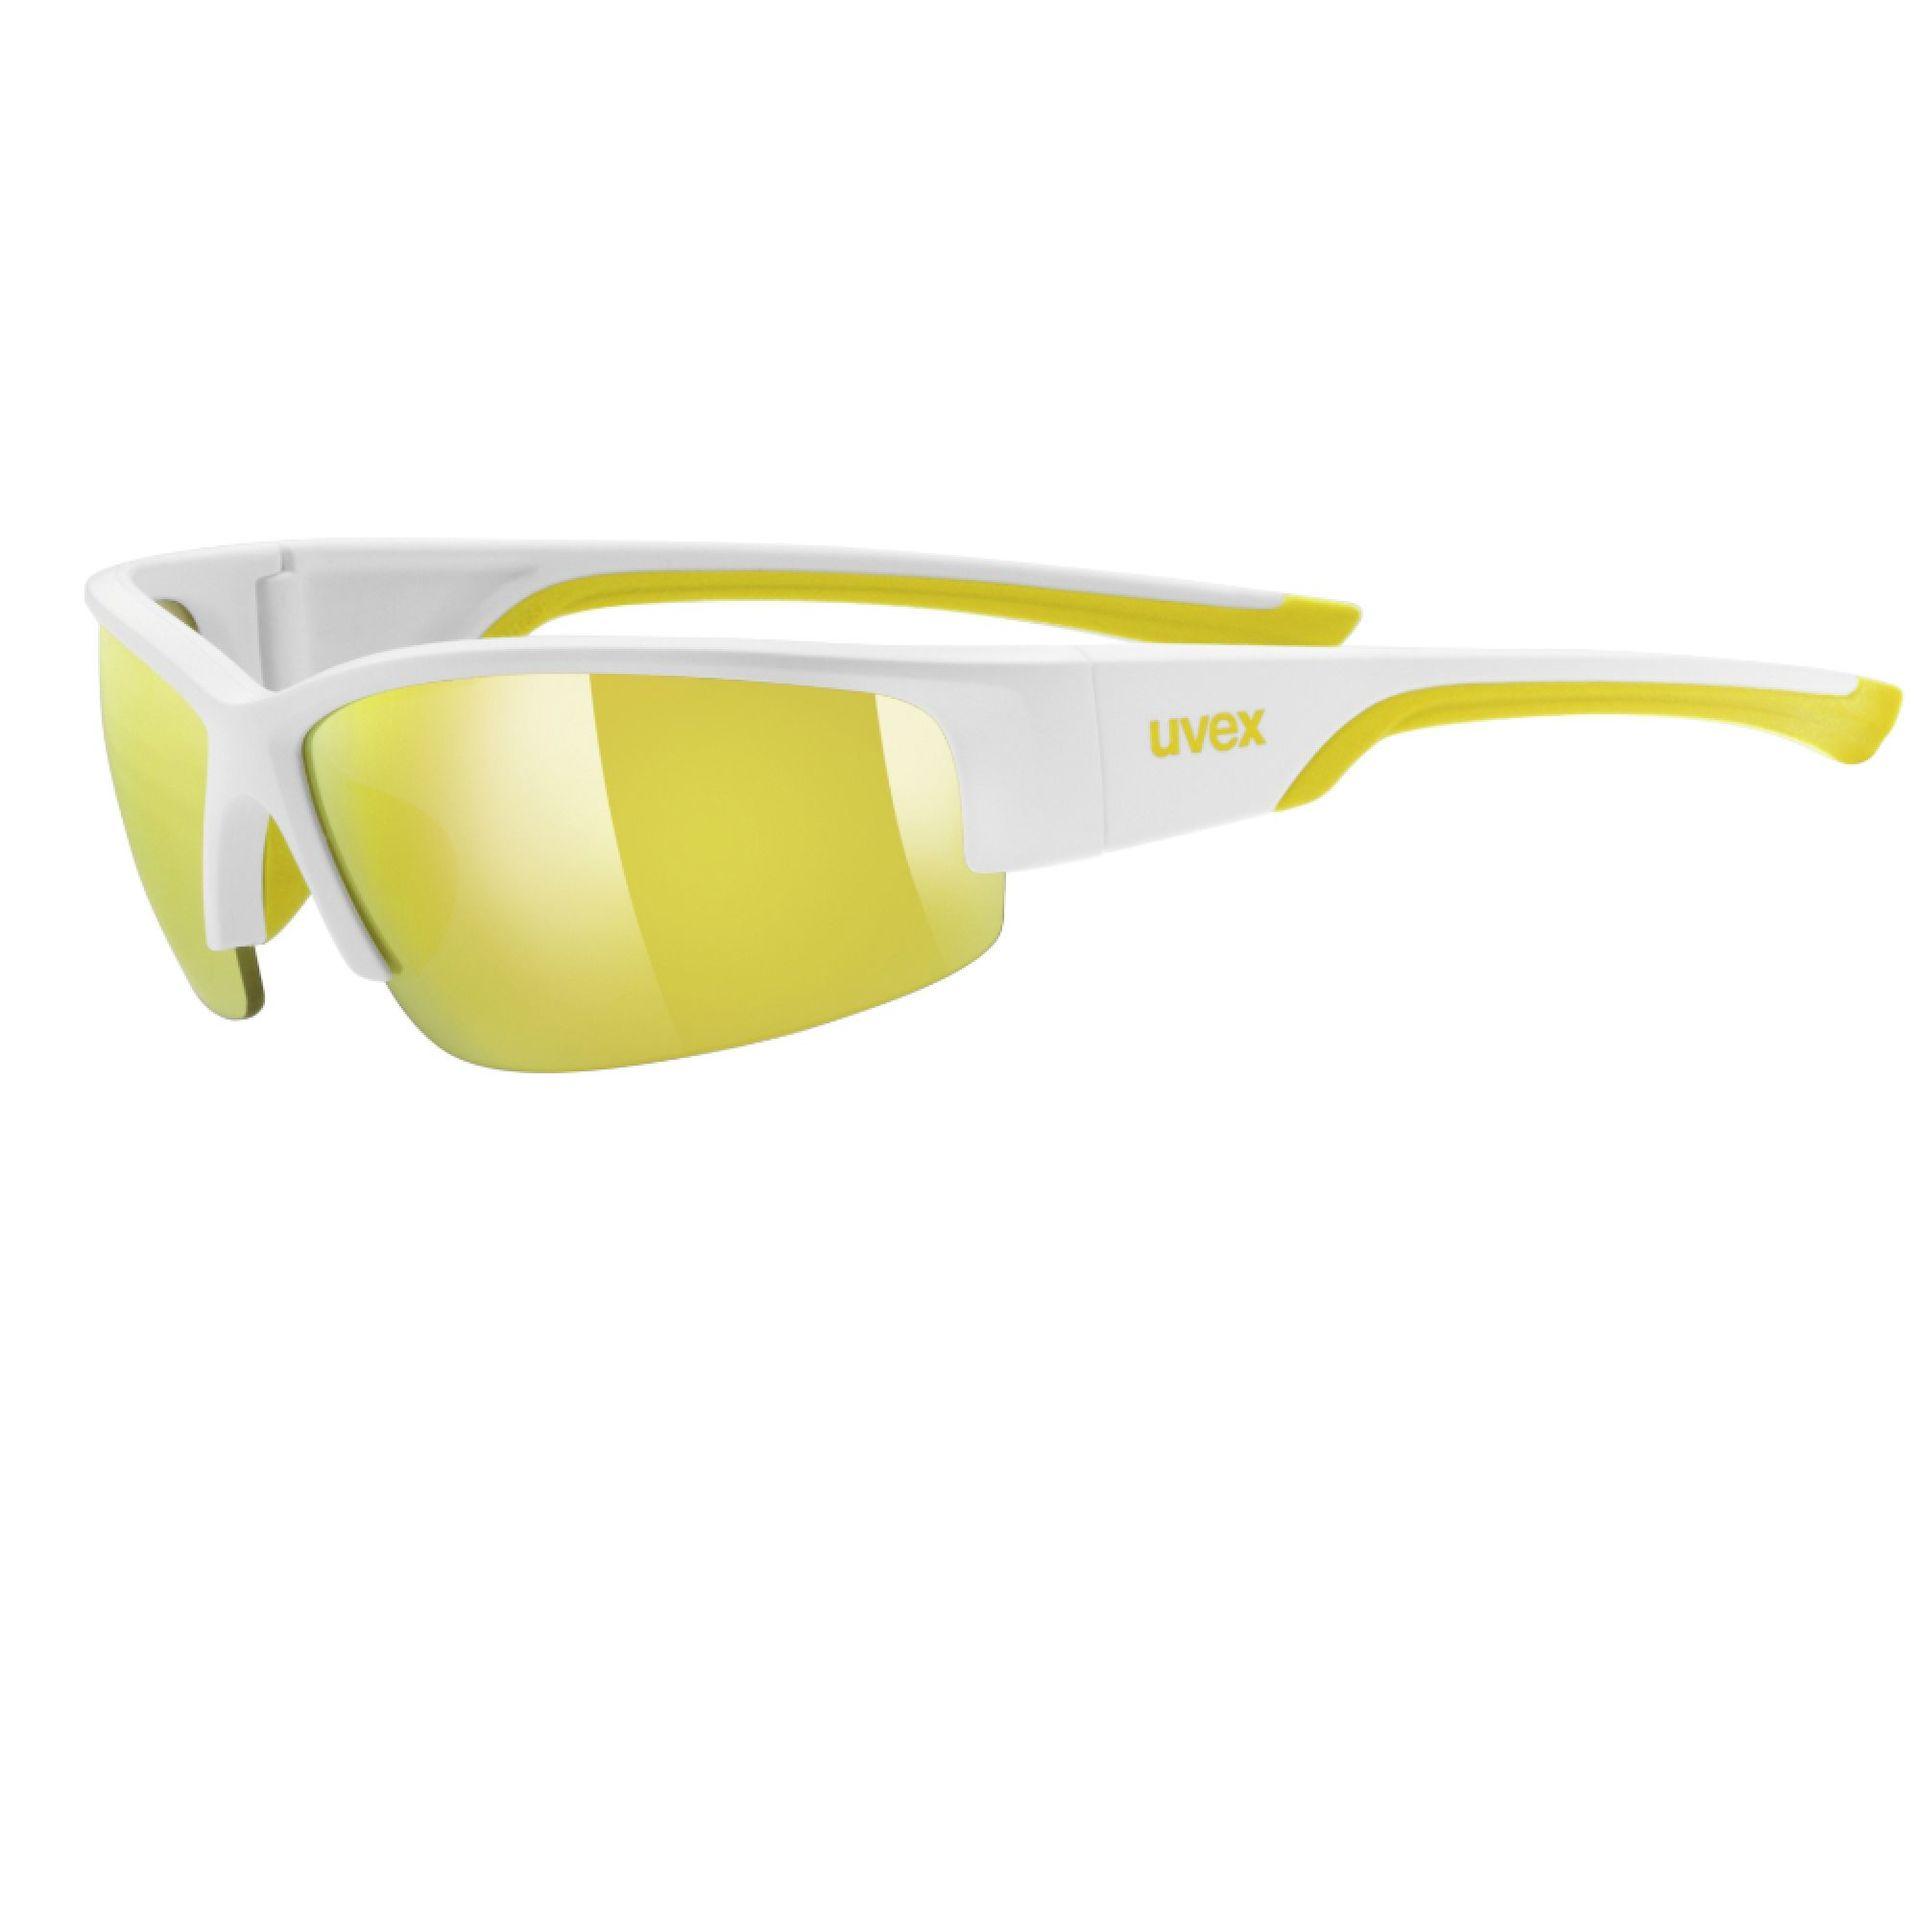 Okulary Uvex Sportstyle 215 biały żółty